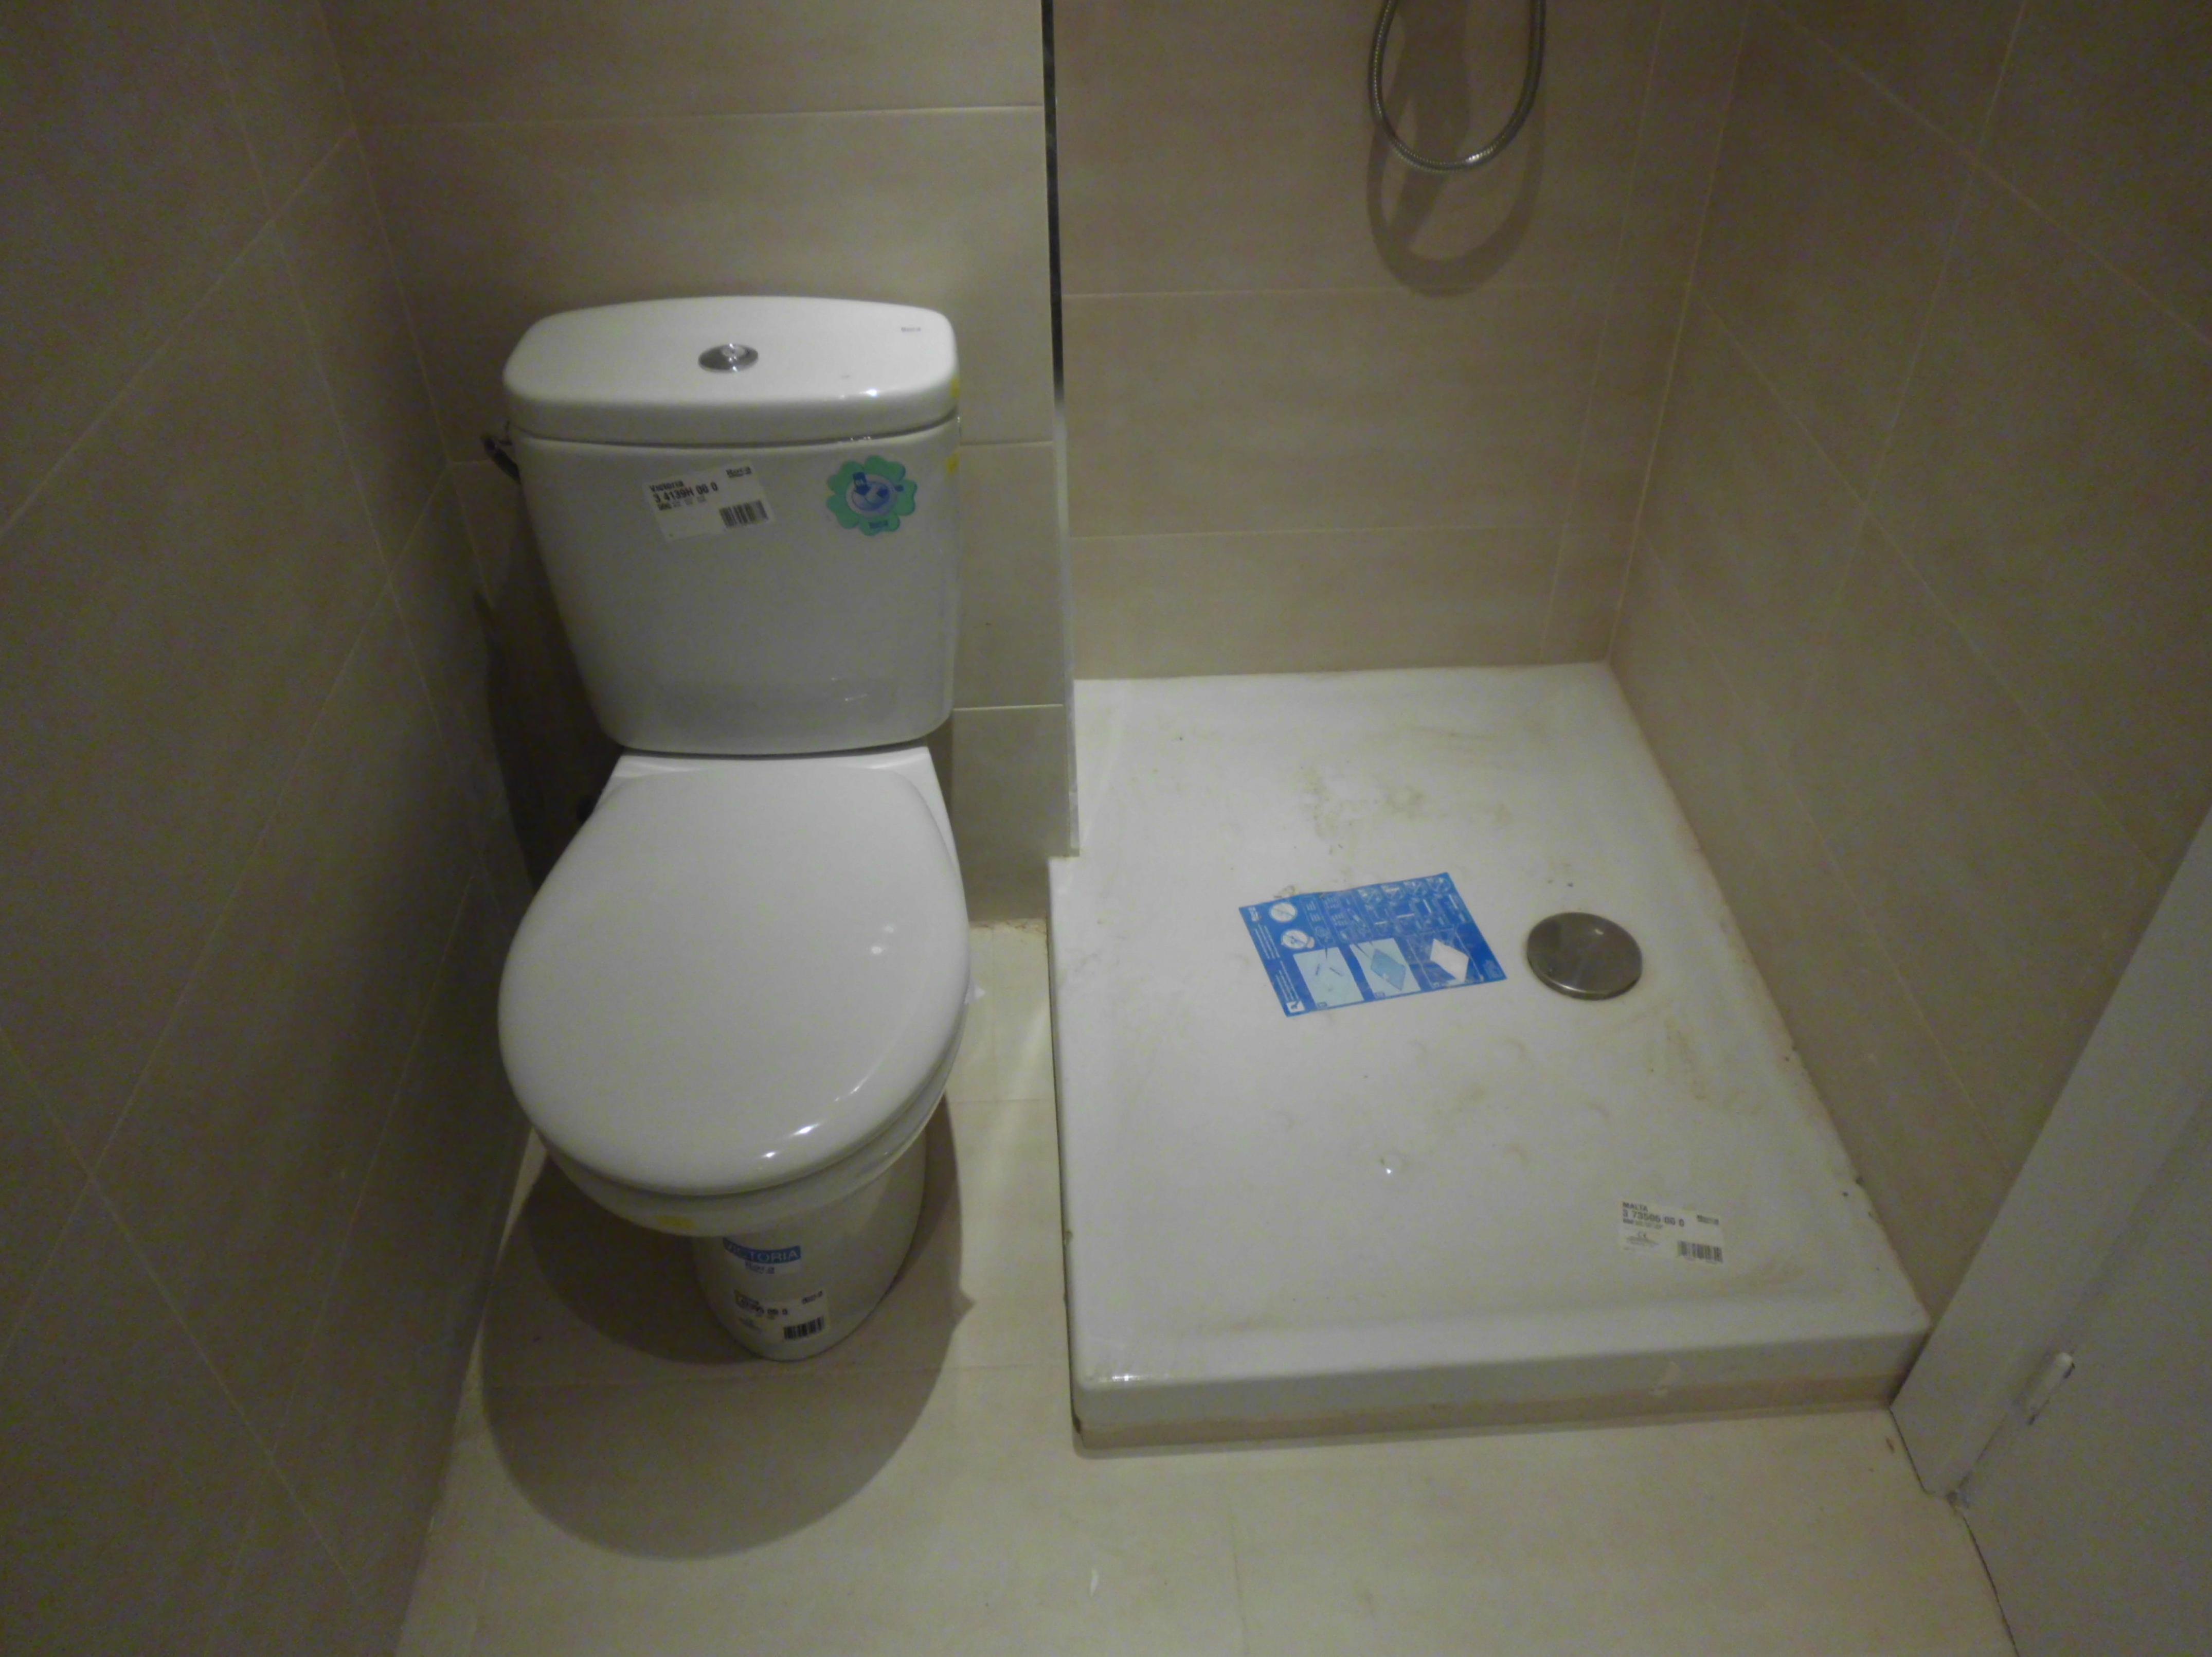 Reforma económica de un piso \u002D colocación de inodoro y plato de ducha